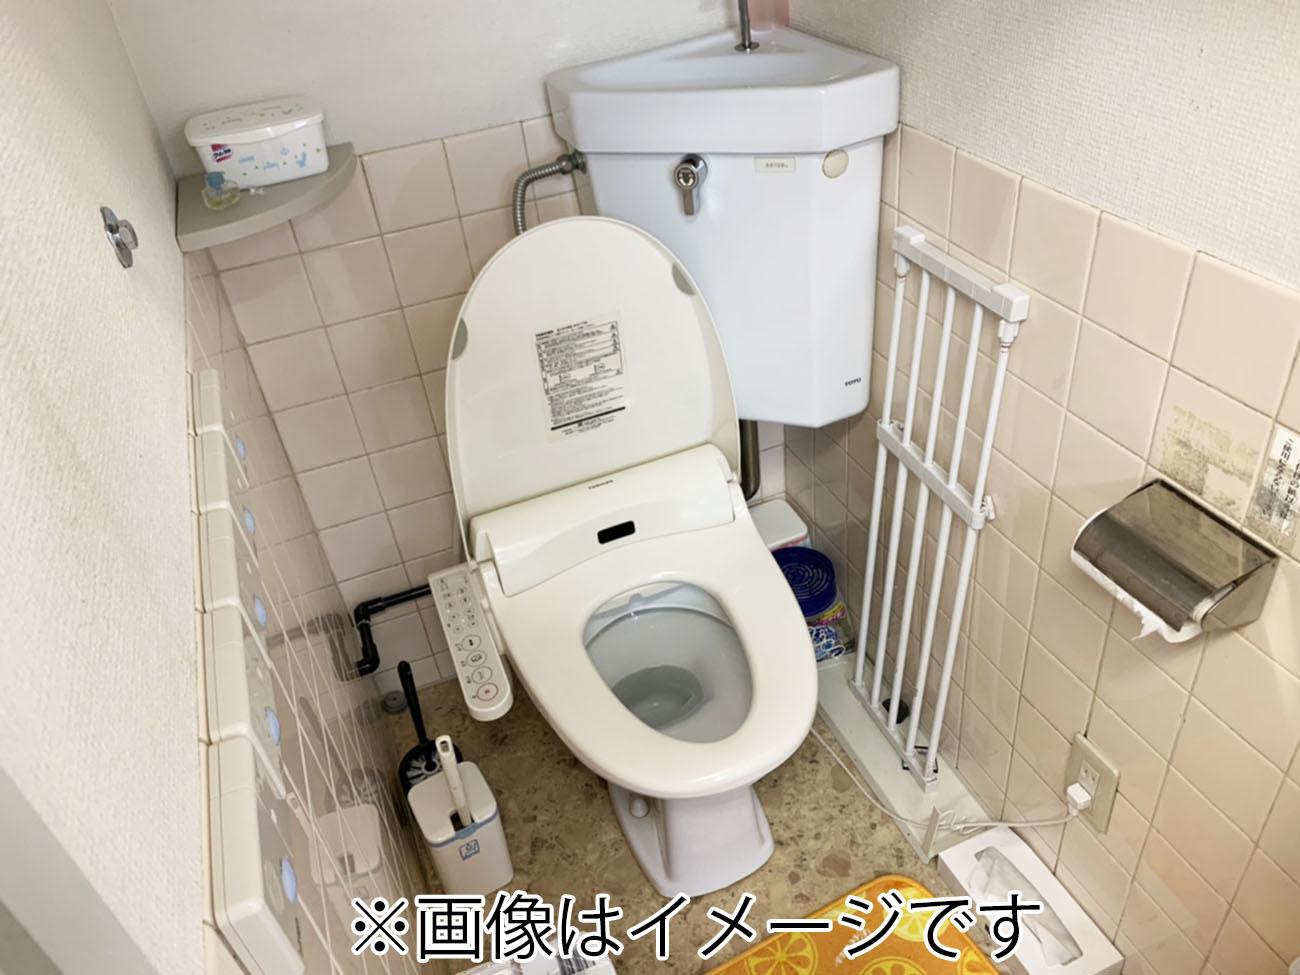 【コラム】オシャレすぎて重要な機能を失ったトイレ